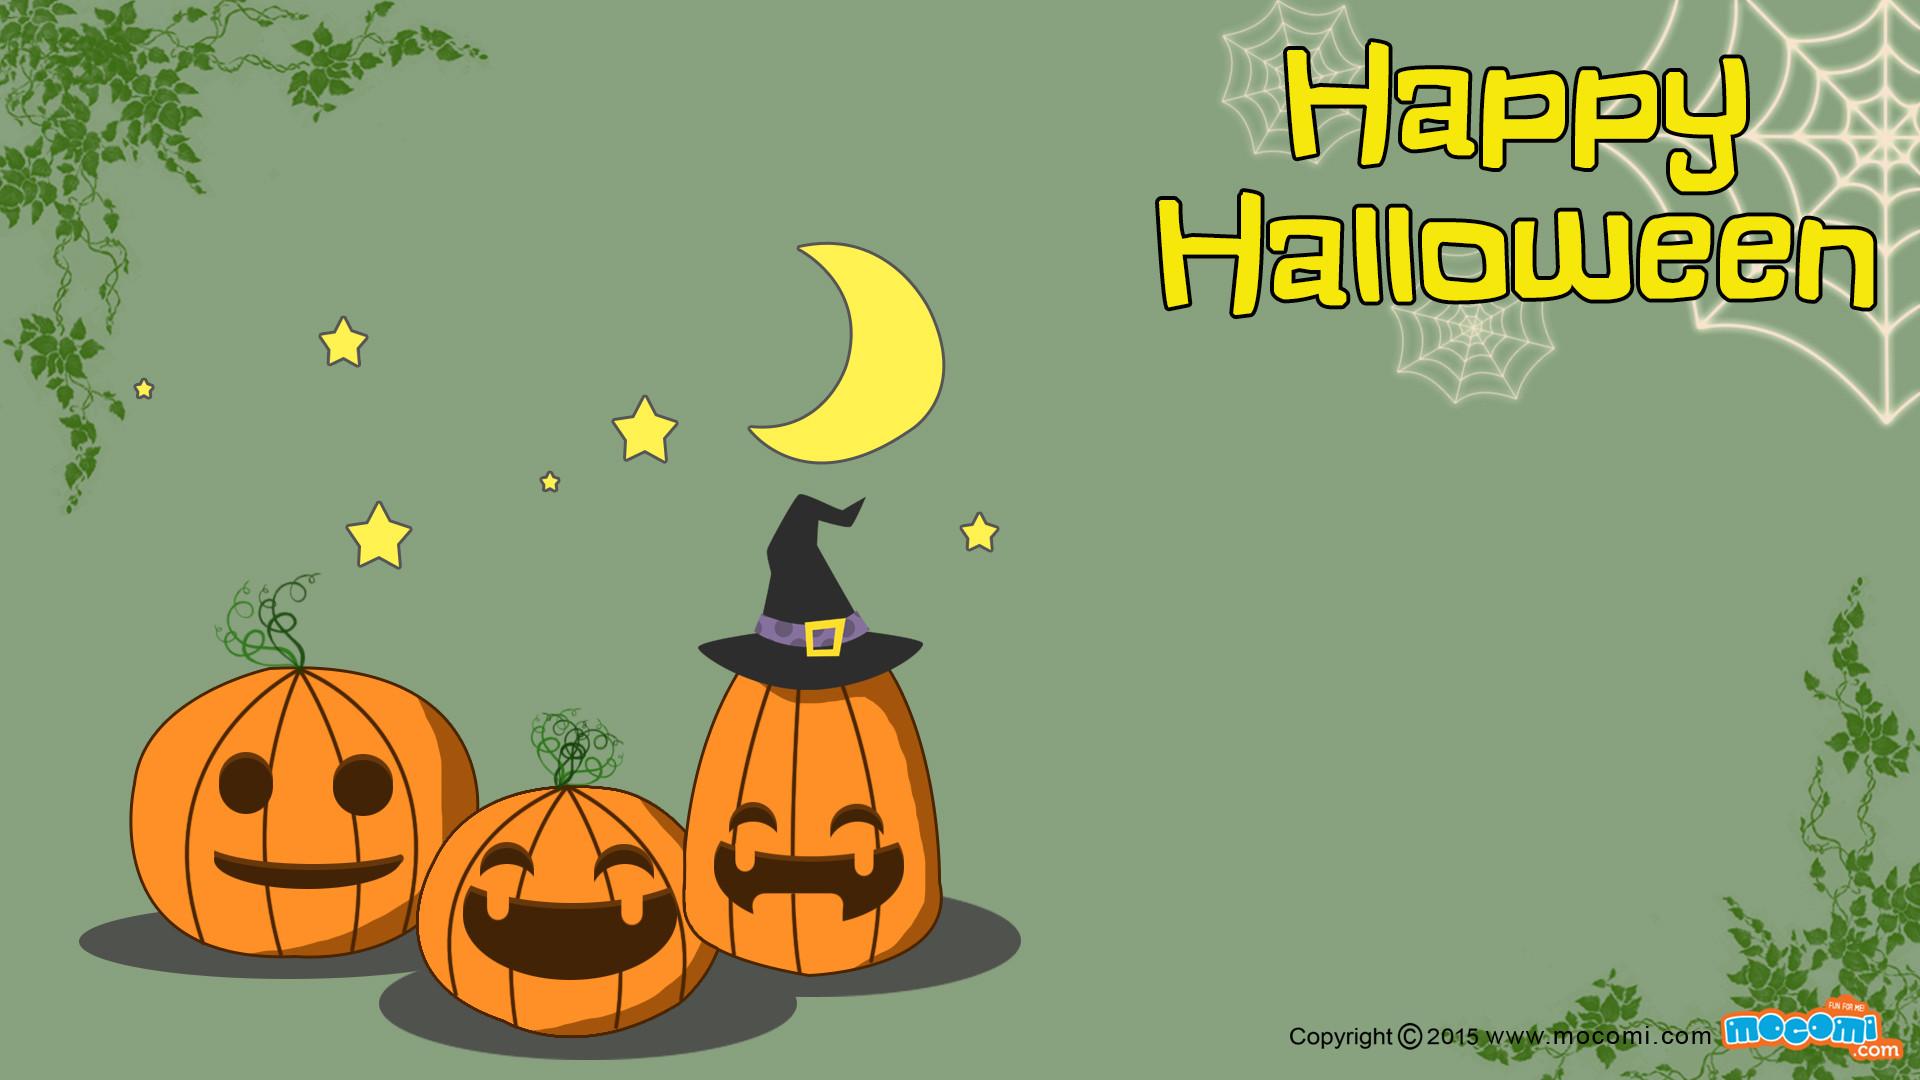 Happy Halloween Wallpaper – 01